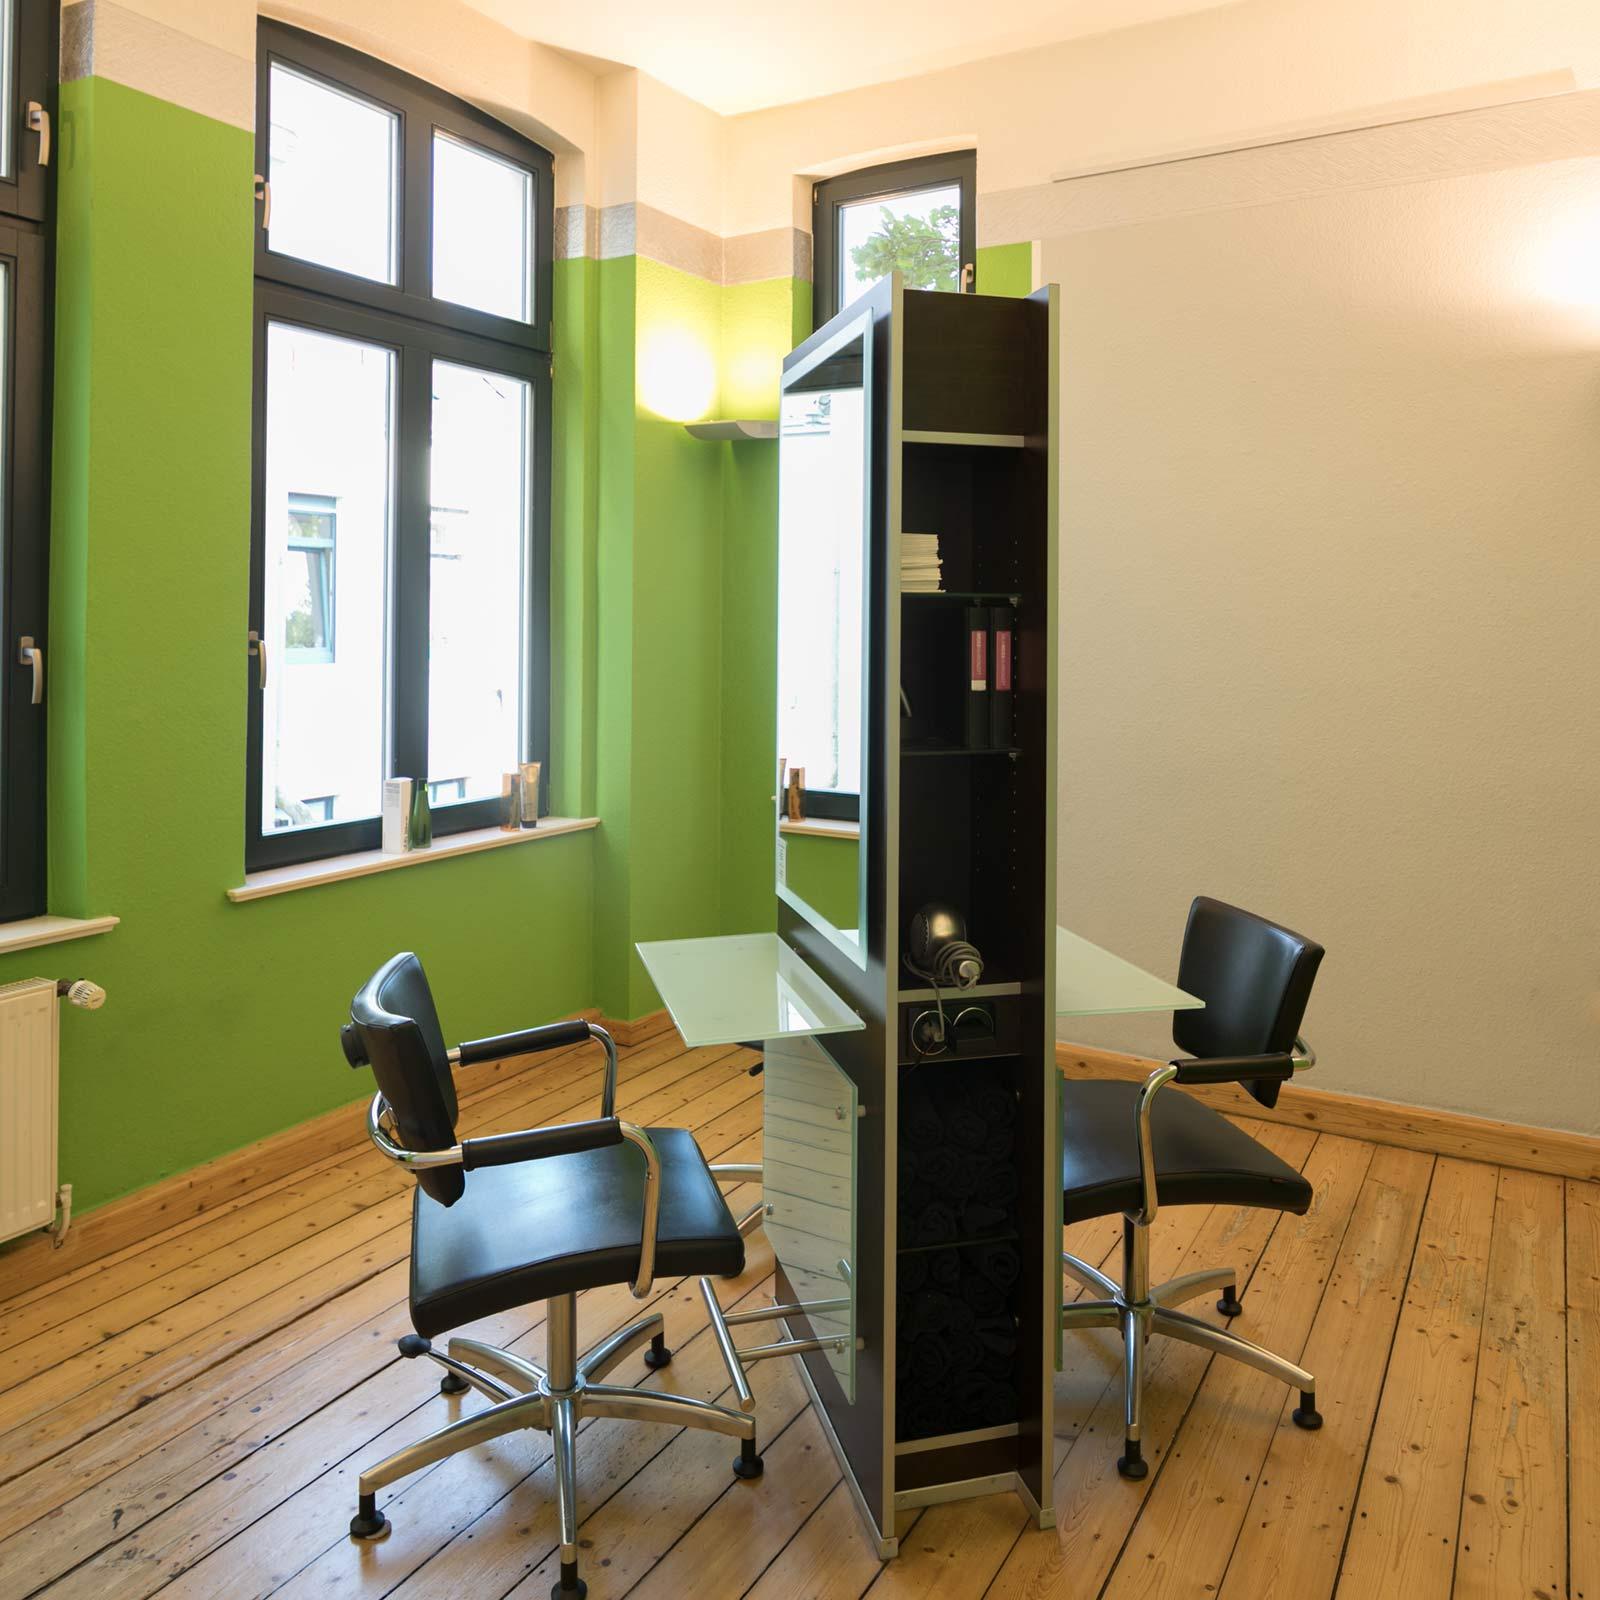 Ein ruam mit grüner Wand sowie zwei gegenüberstehenden Stühlen und Spiegeln dazwischen